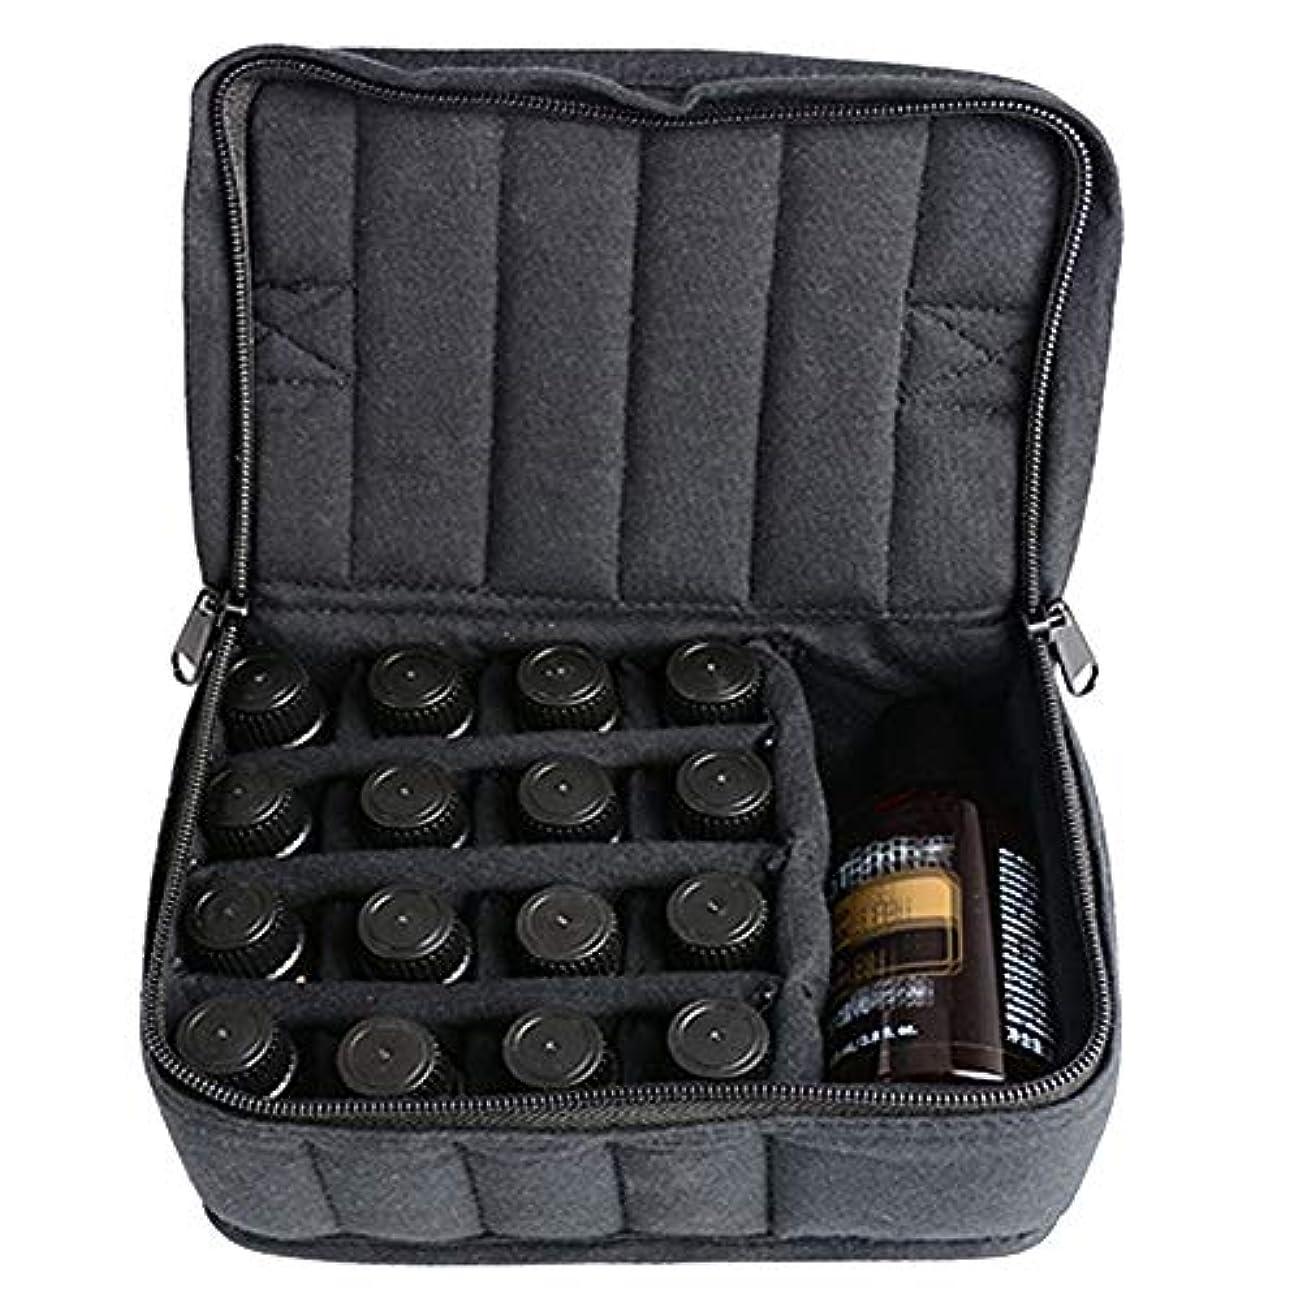 王室放出本物エッセンシャルオイルストレージボックス ソフト17本のボトルエッセンシャルオイルキャリングケースは、旅行ブラックパープルのために17本のボトル5ミリリットル/ 10ミリリットル/ 15ミリリットルを開催します 旅行および...